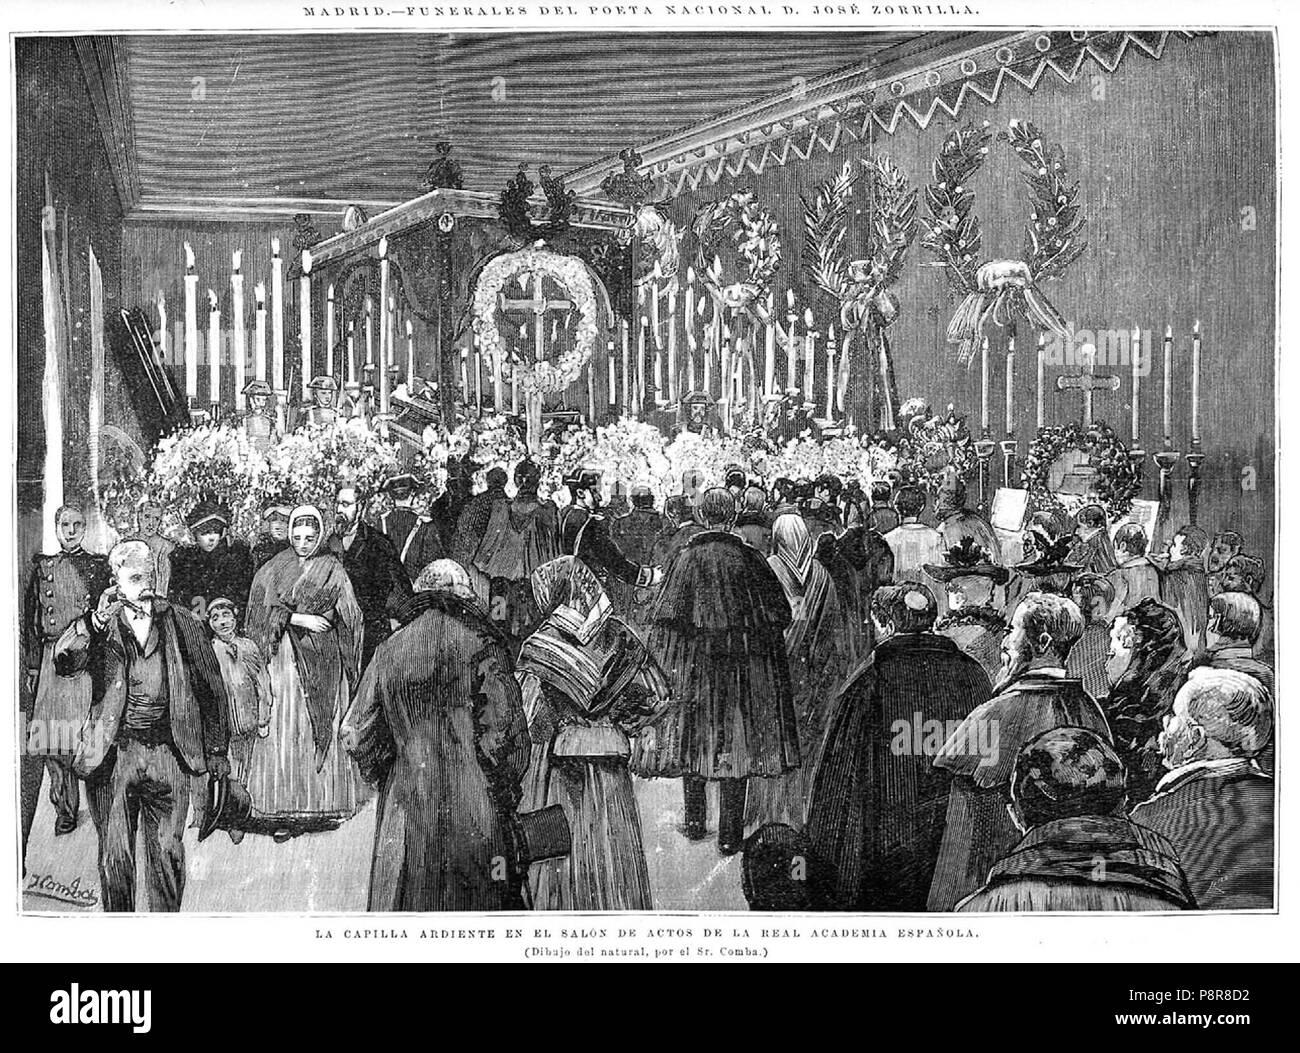 407 Madrid, funerales de Zorrilla, la capilla ardiente en el salón de actos de la Real Academia Española - Stock Image